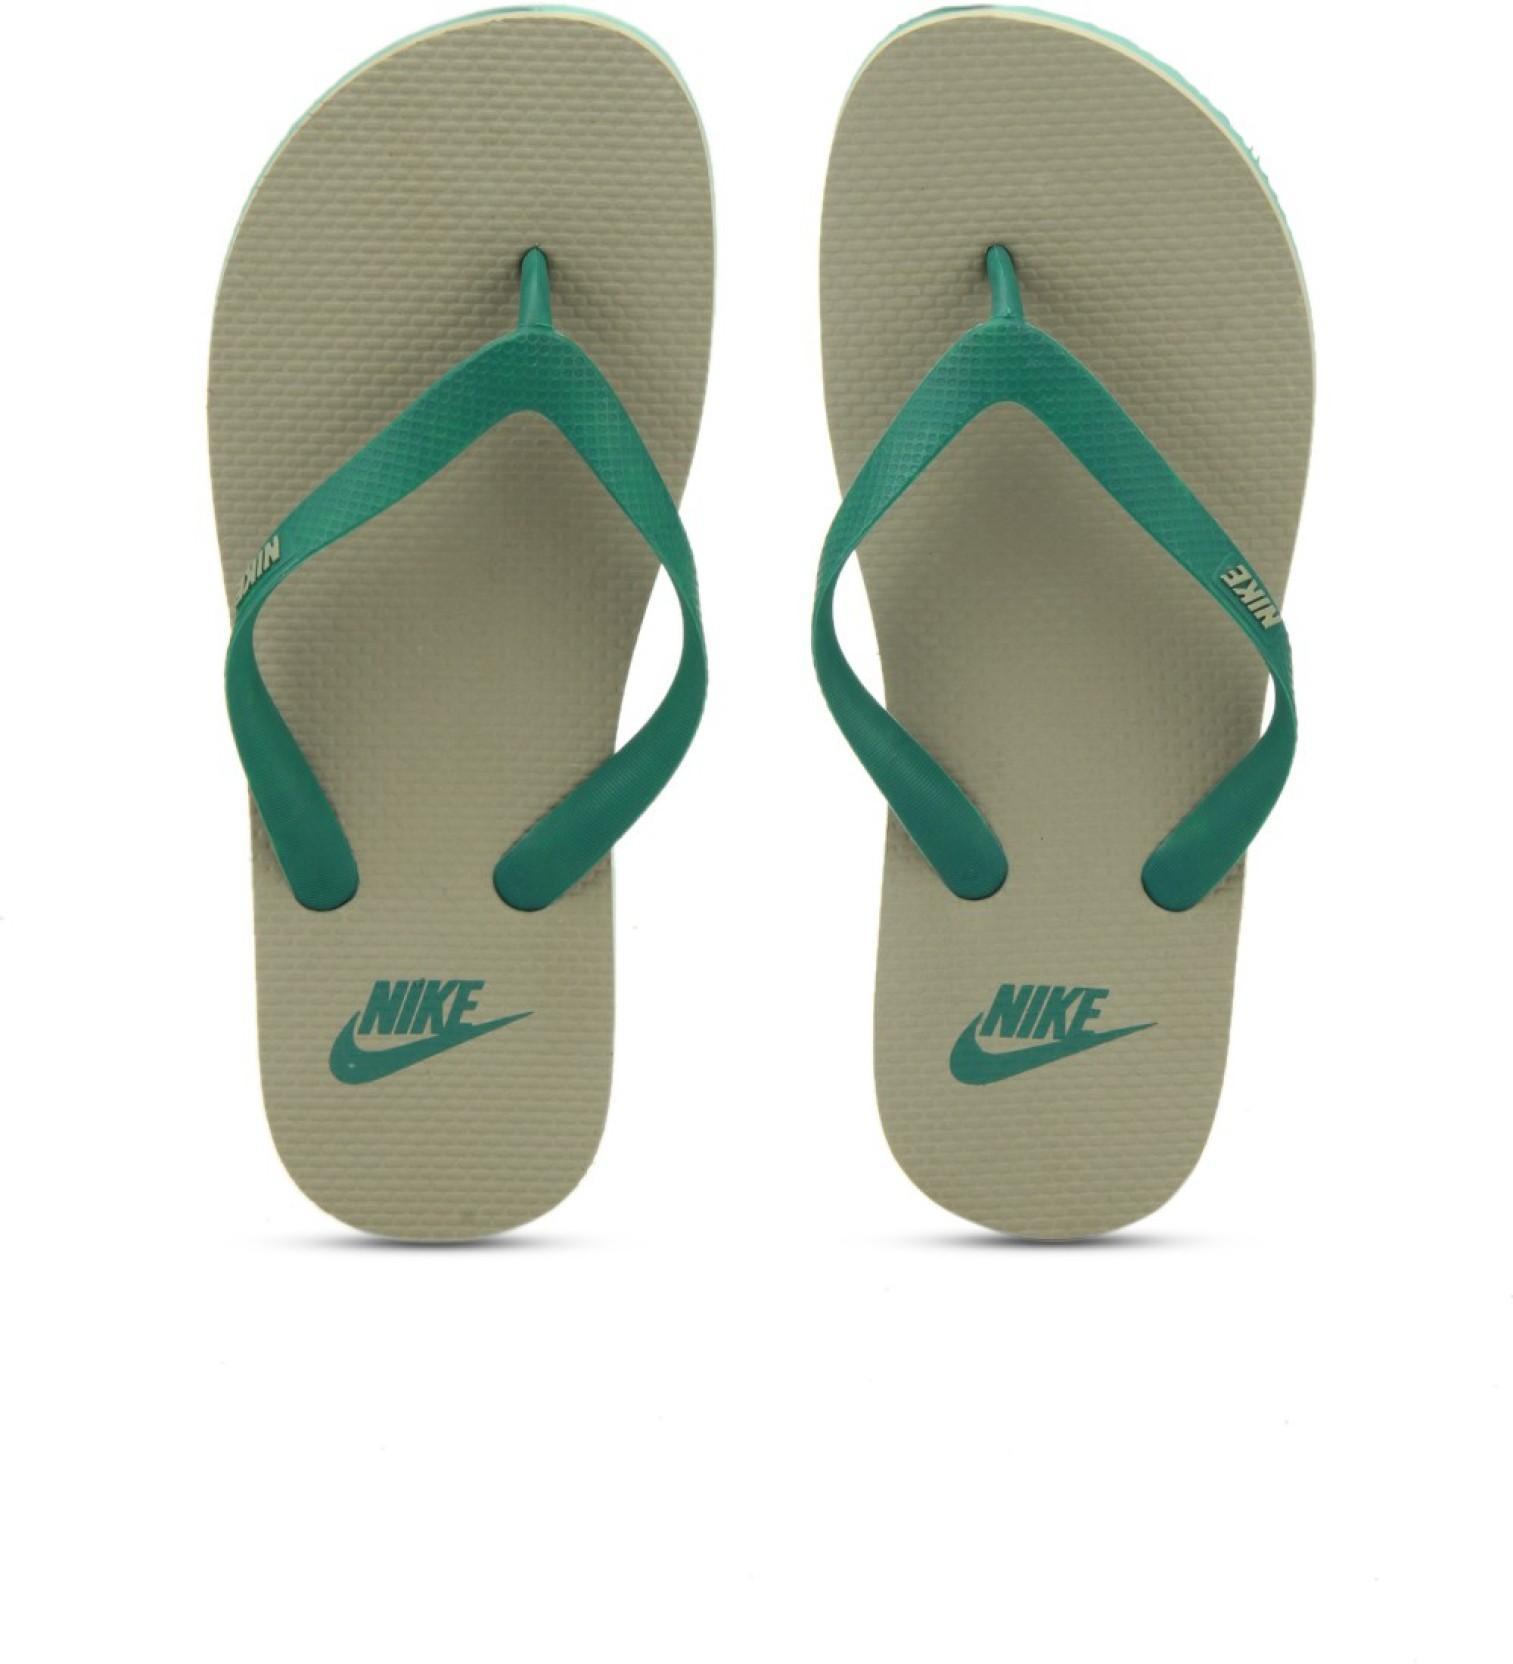 1f7f2ecd059 Nike AQUASWIFT THONG Slippers - Buy Radiant Emerald Bamboo Color ...